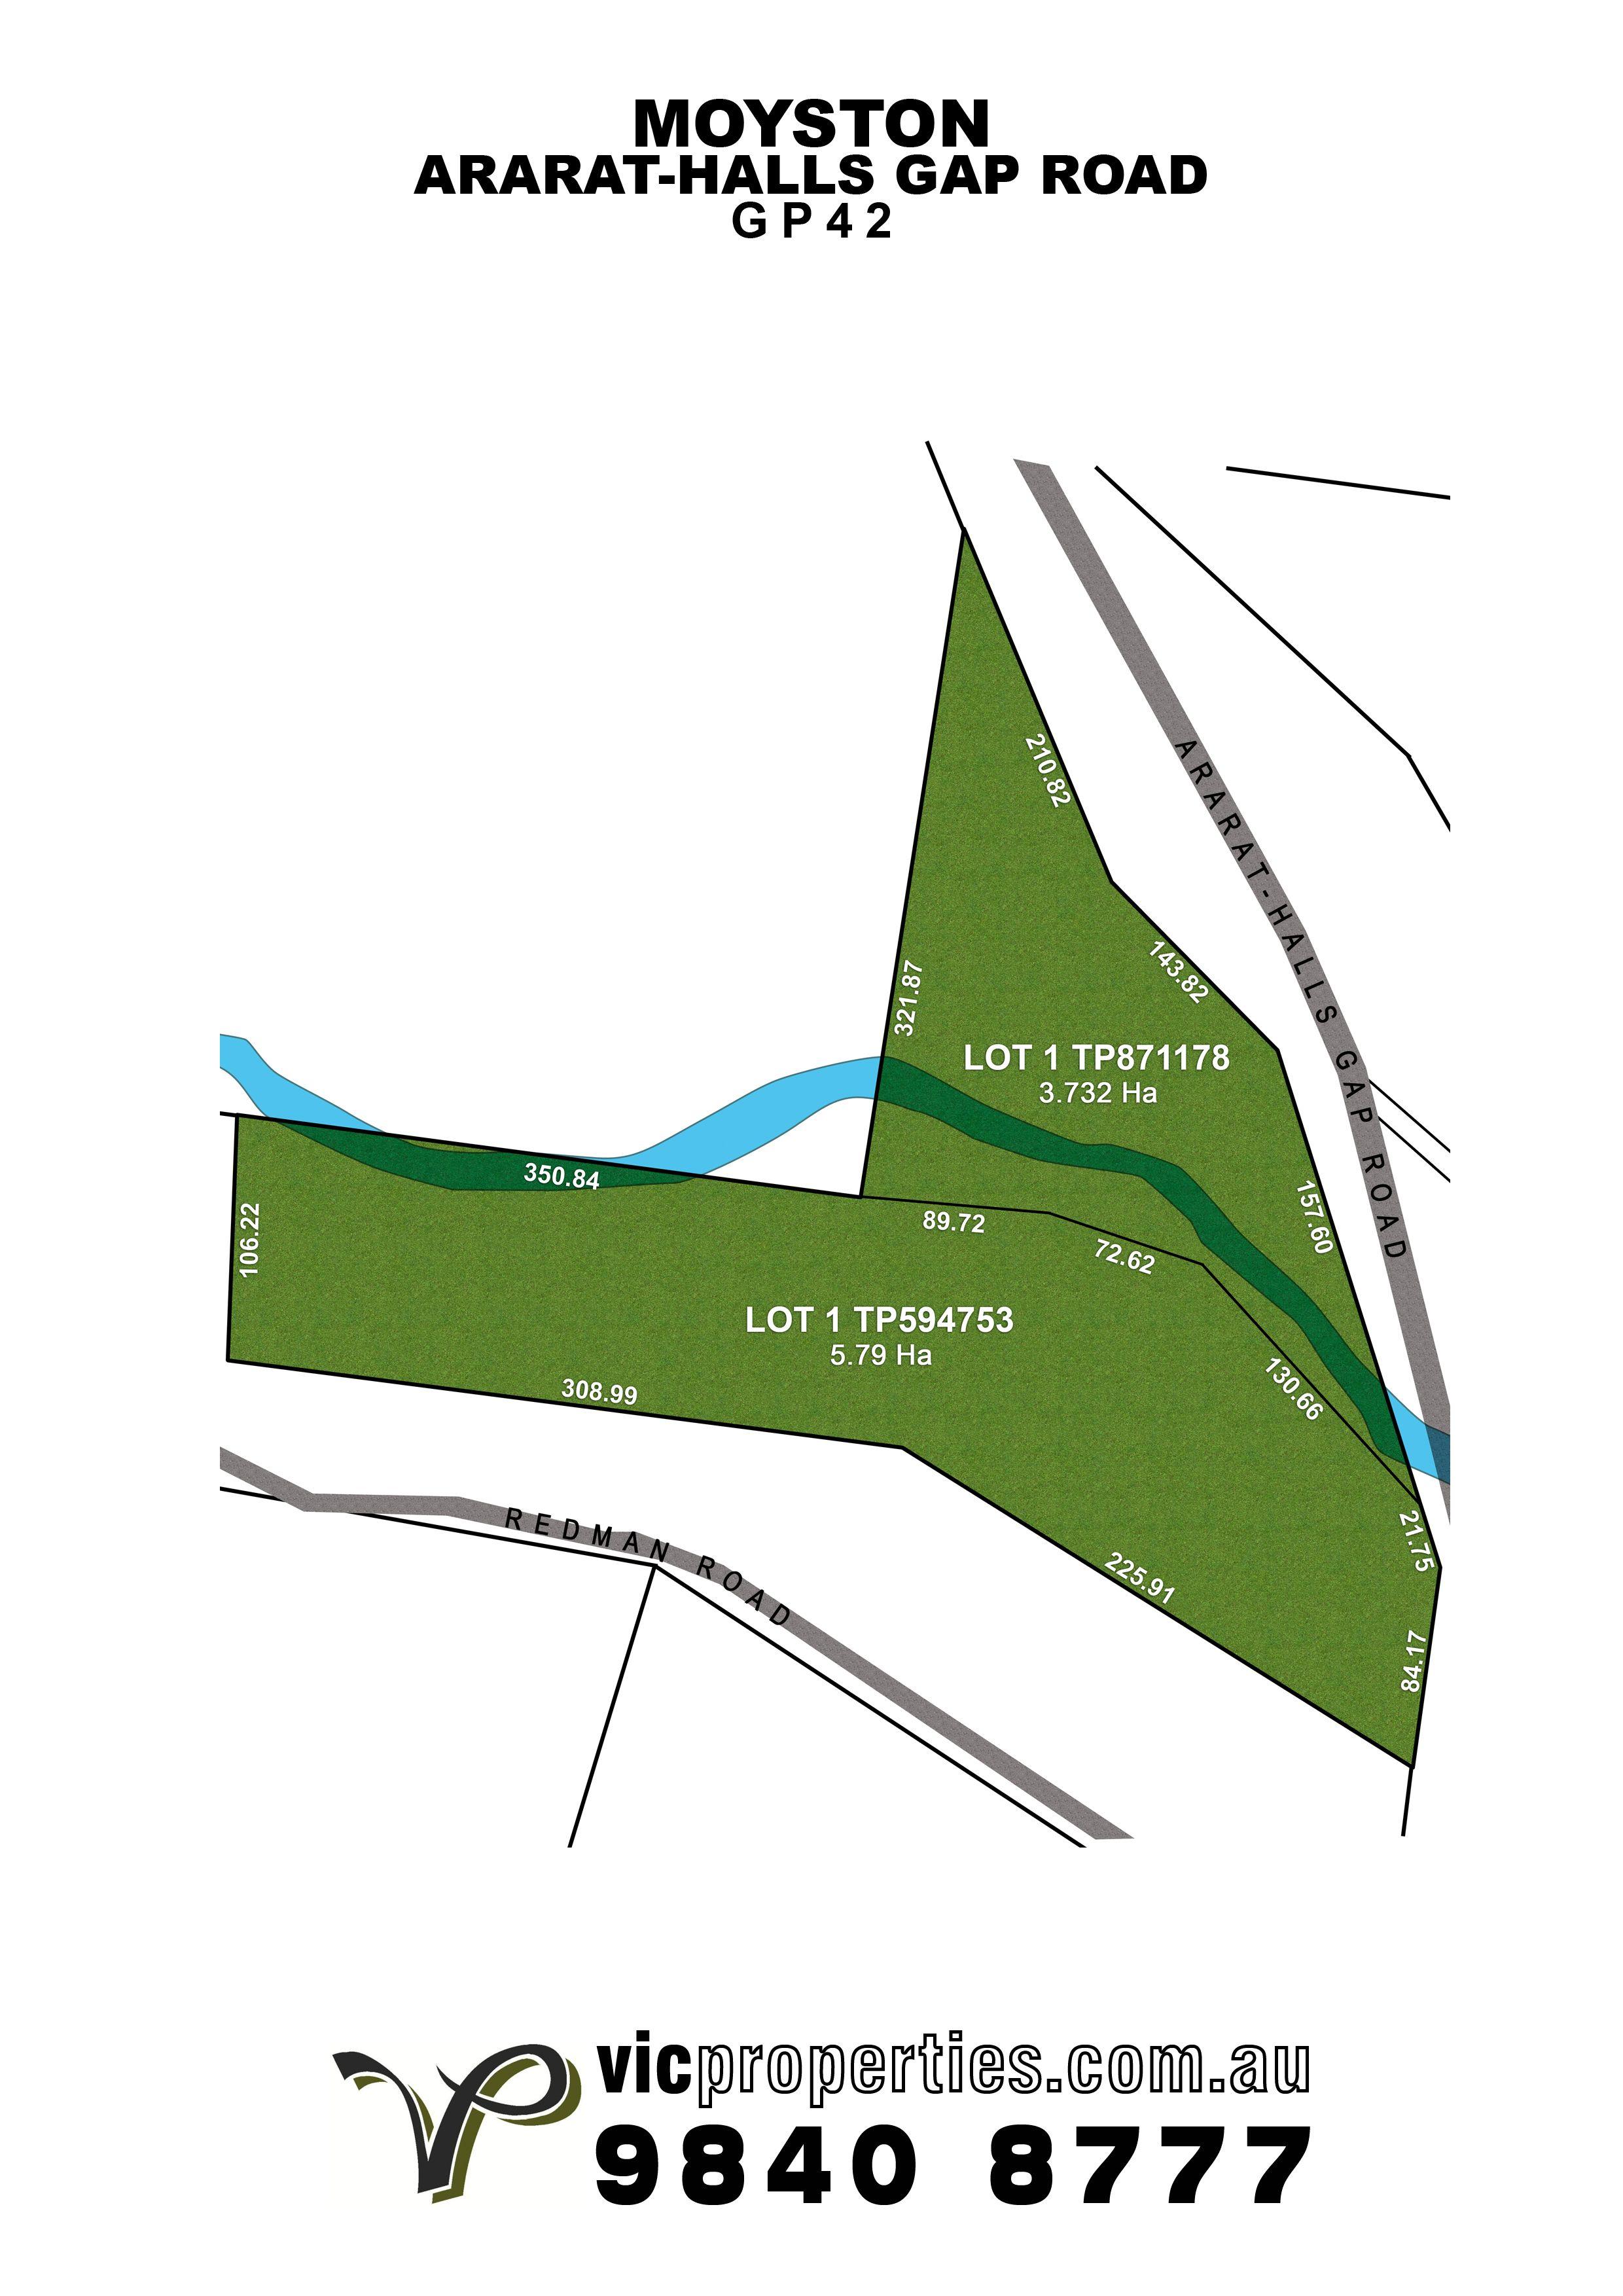 Lot 1 Nth/ Ararat-Halls Gap Road, Moyston VIC 3377